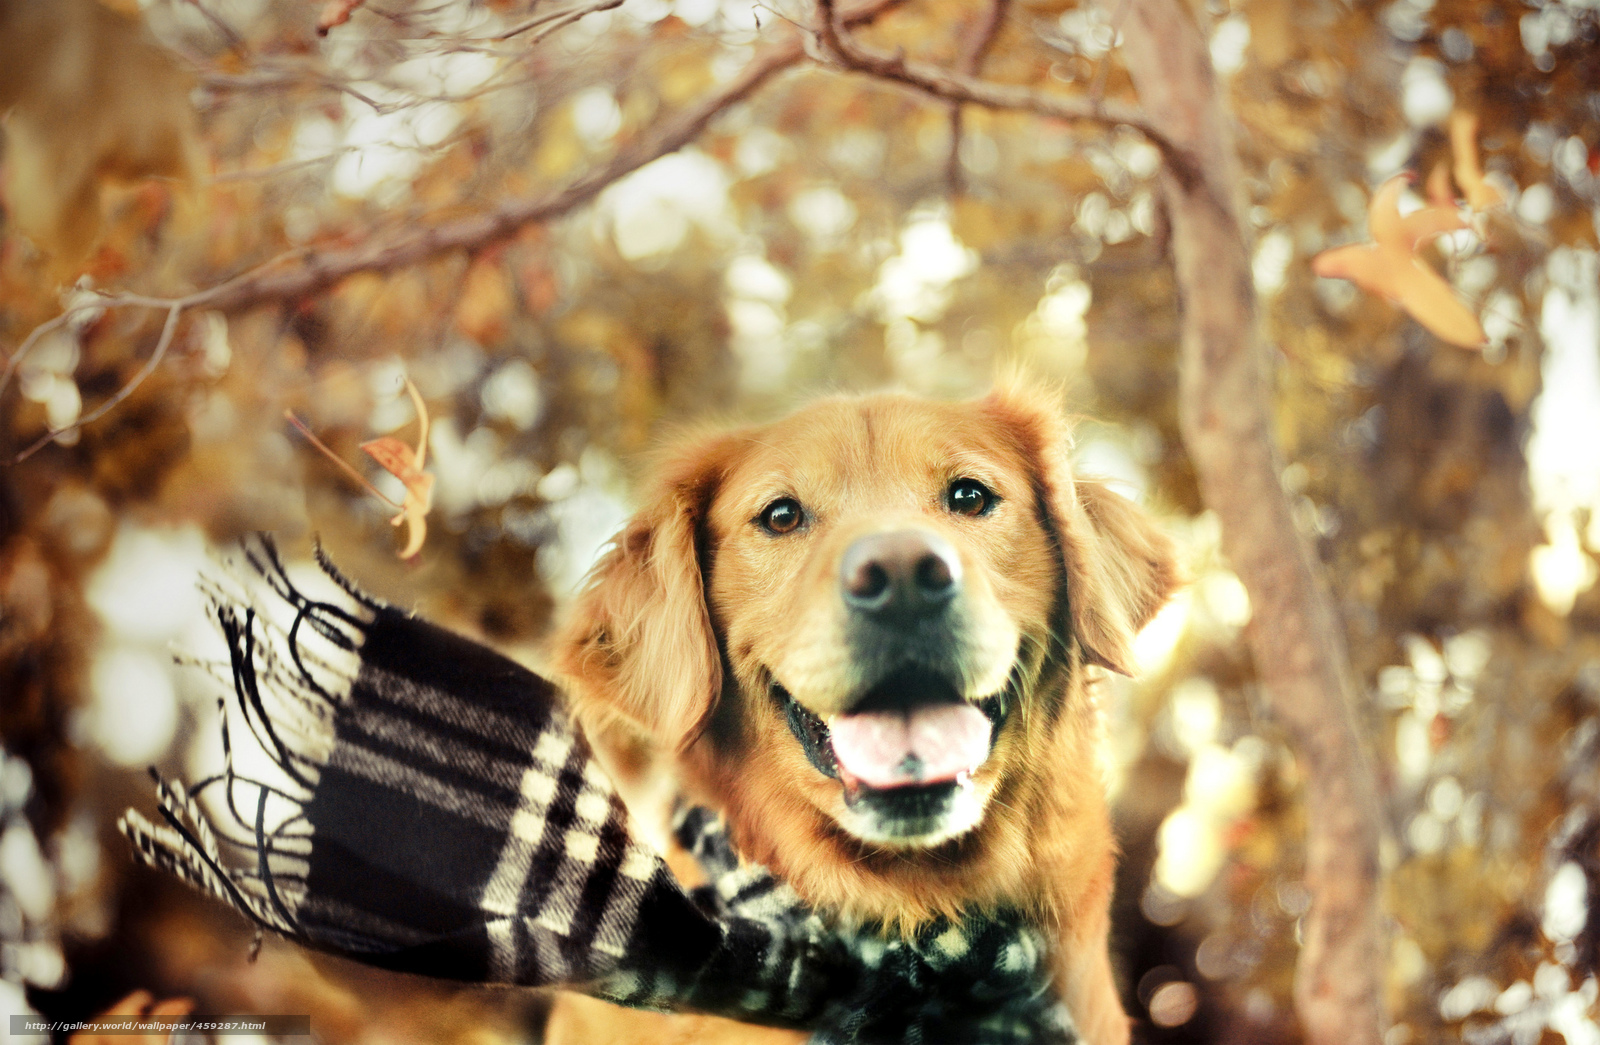 Tlcharger fond d 39 ecran chien charpe automne golden retriever fonds d 39 ecran gratuits pour - Golden retriever gratuit ...